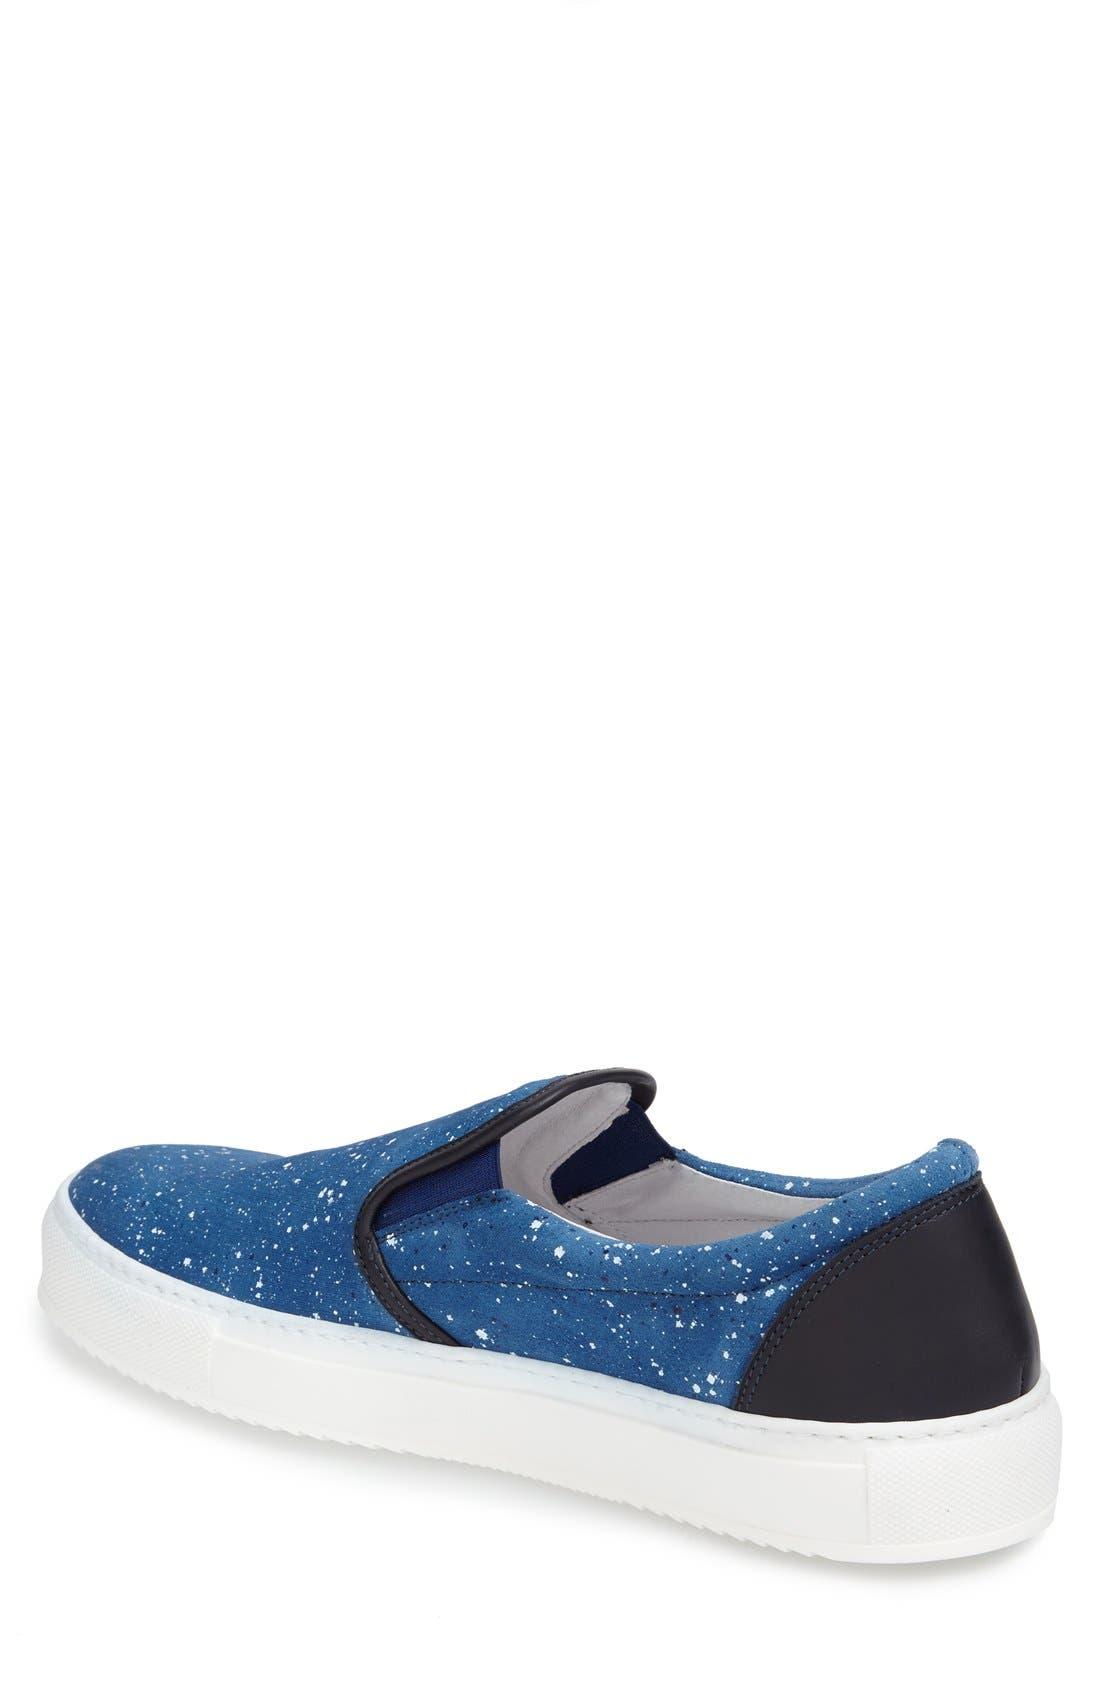 Santorini Slip-On Sneaker,                             Alternate thumbnail 8, color,